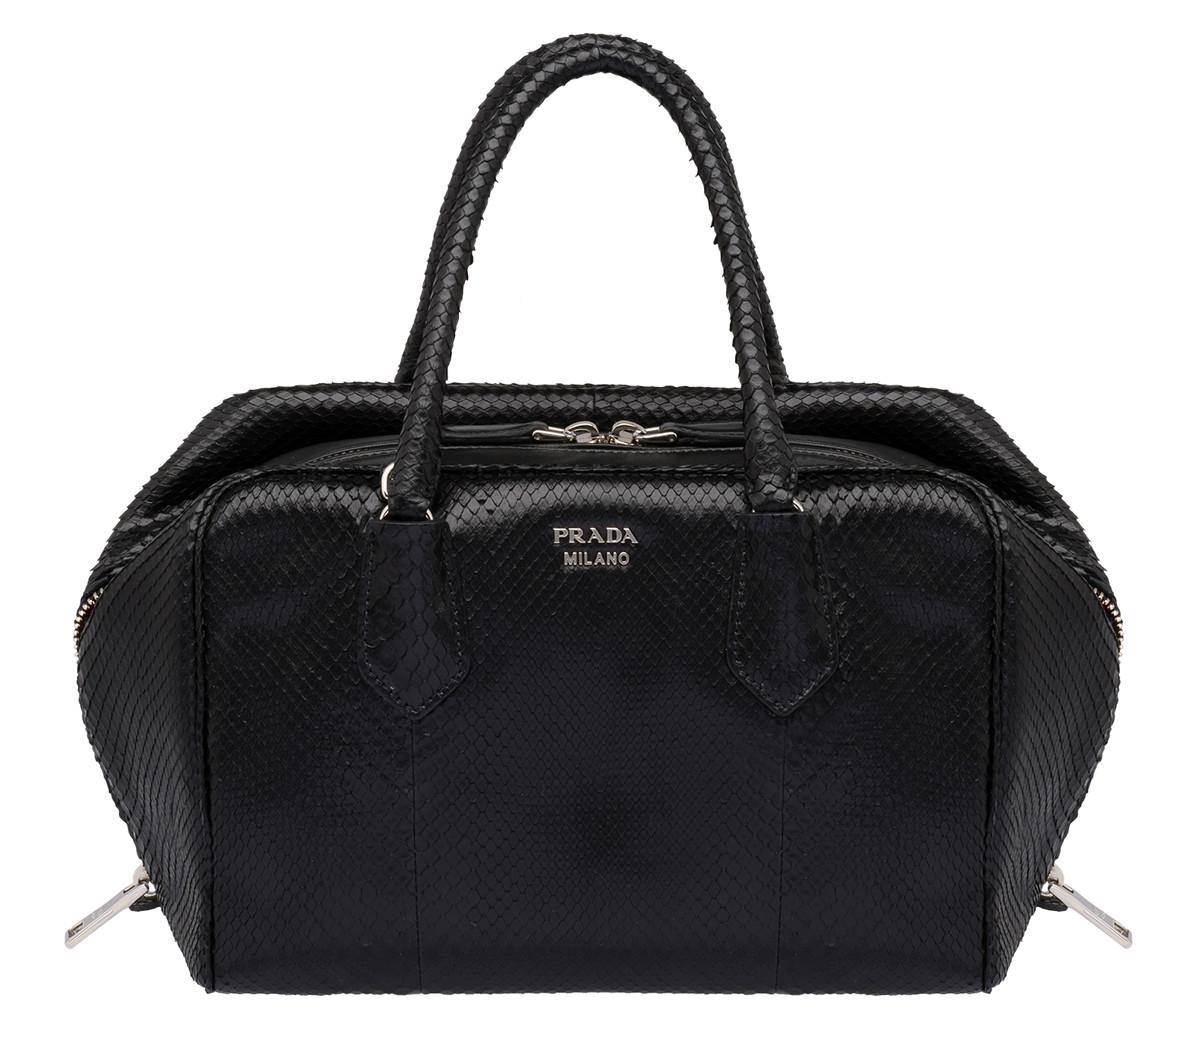 Prada Resort 2016 Bags 11